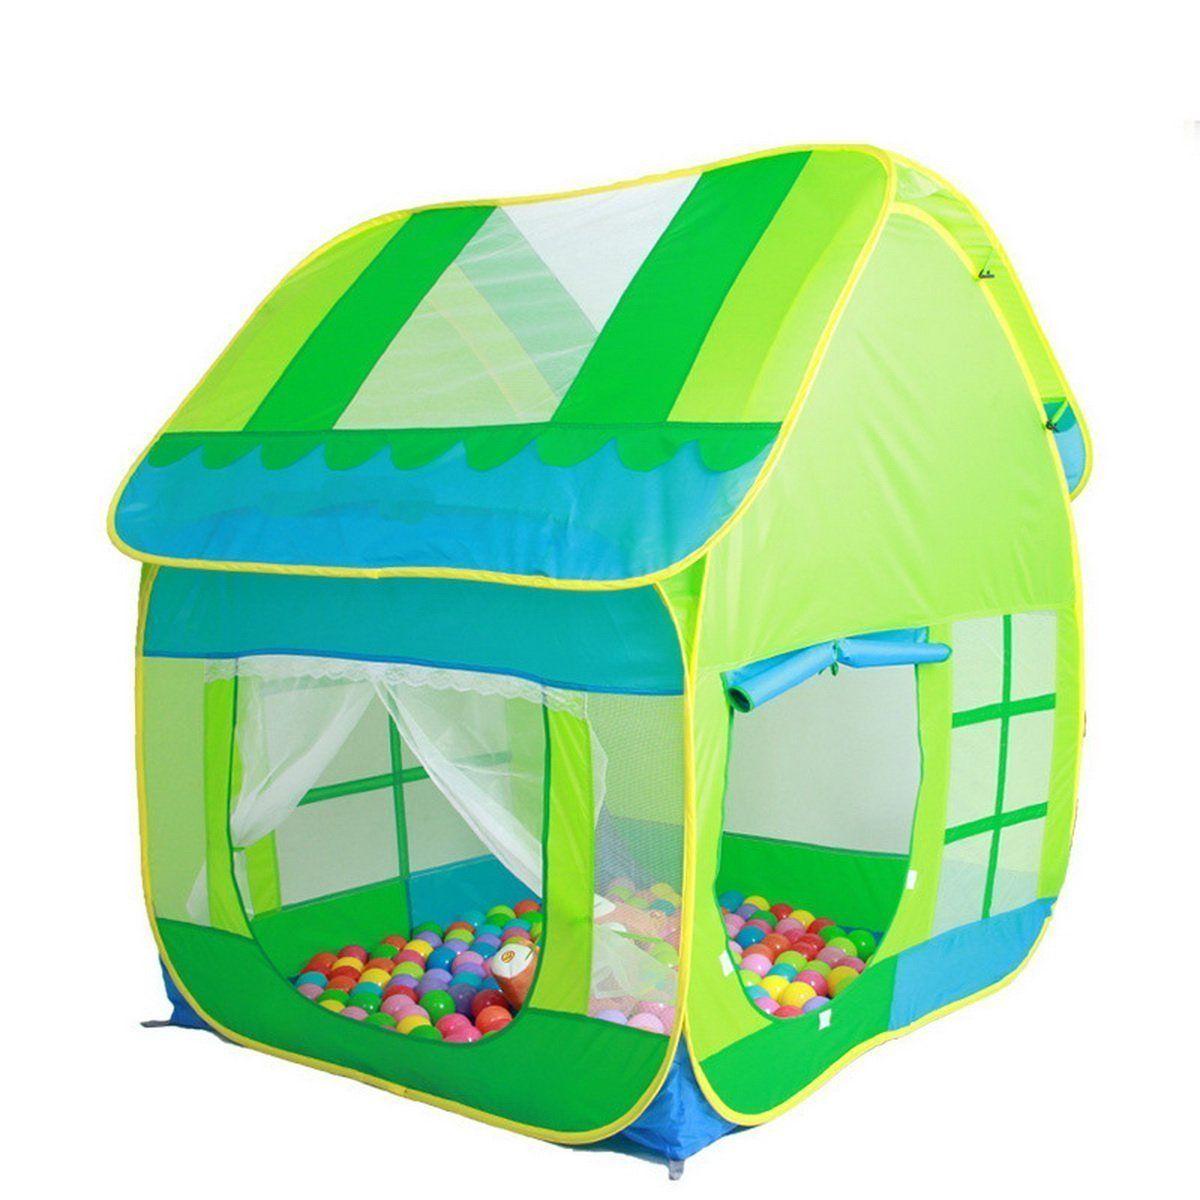 Truedays Kids Adventure Big Green Pop up Play Tent Indoor or Outdoor Tunnel Pool Ball  sc 1 st  Pinterest & Truedays Kids Adventure Big Green Pop up Play Tent Indoor or ...